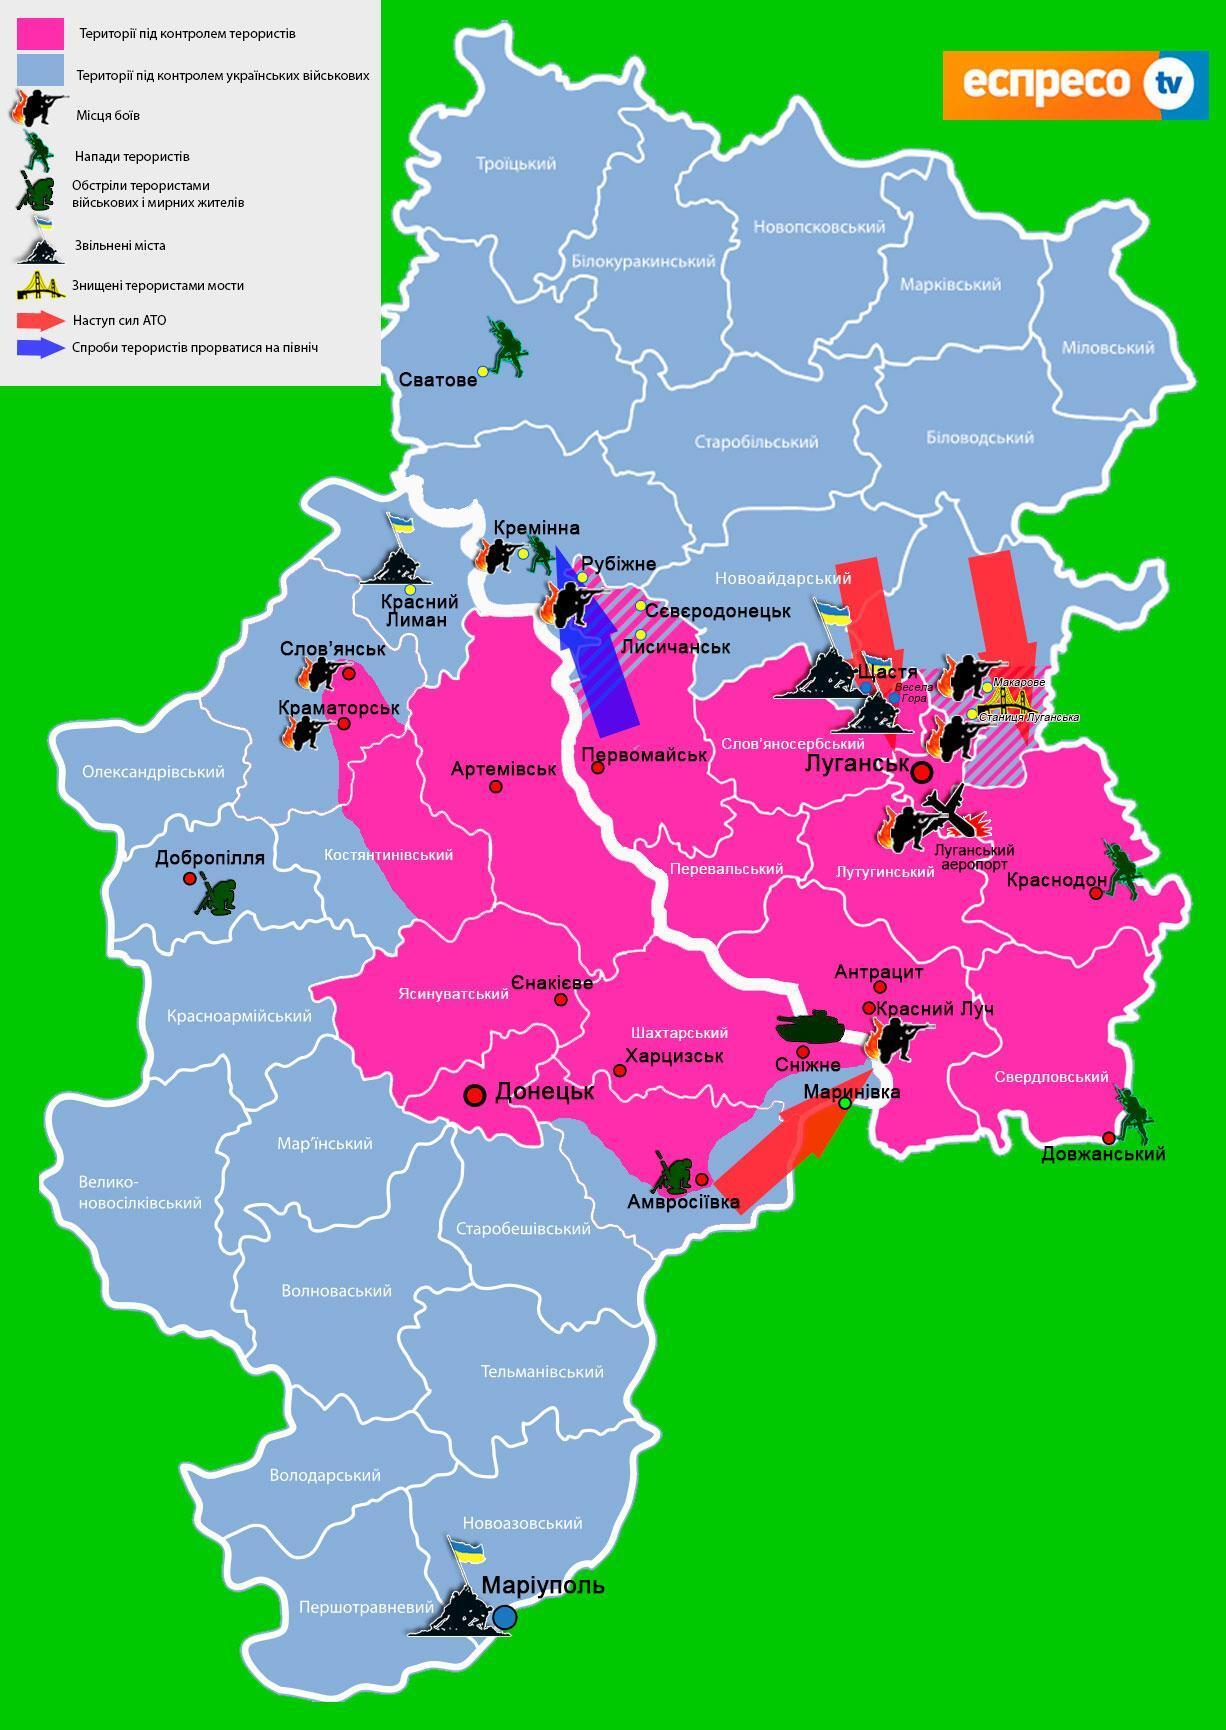 СМИ опубликовали карту боевых действий на Донбассе